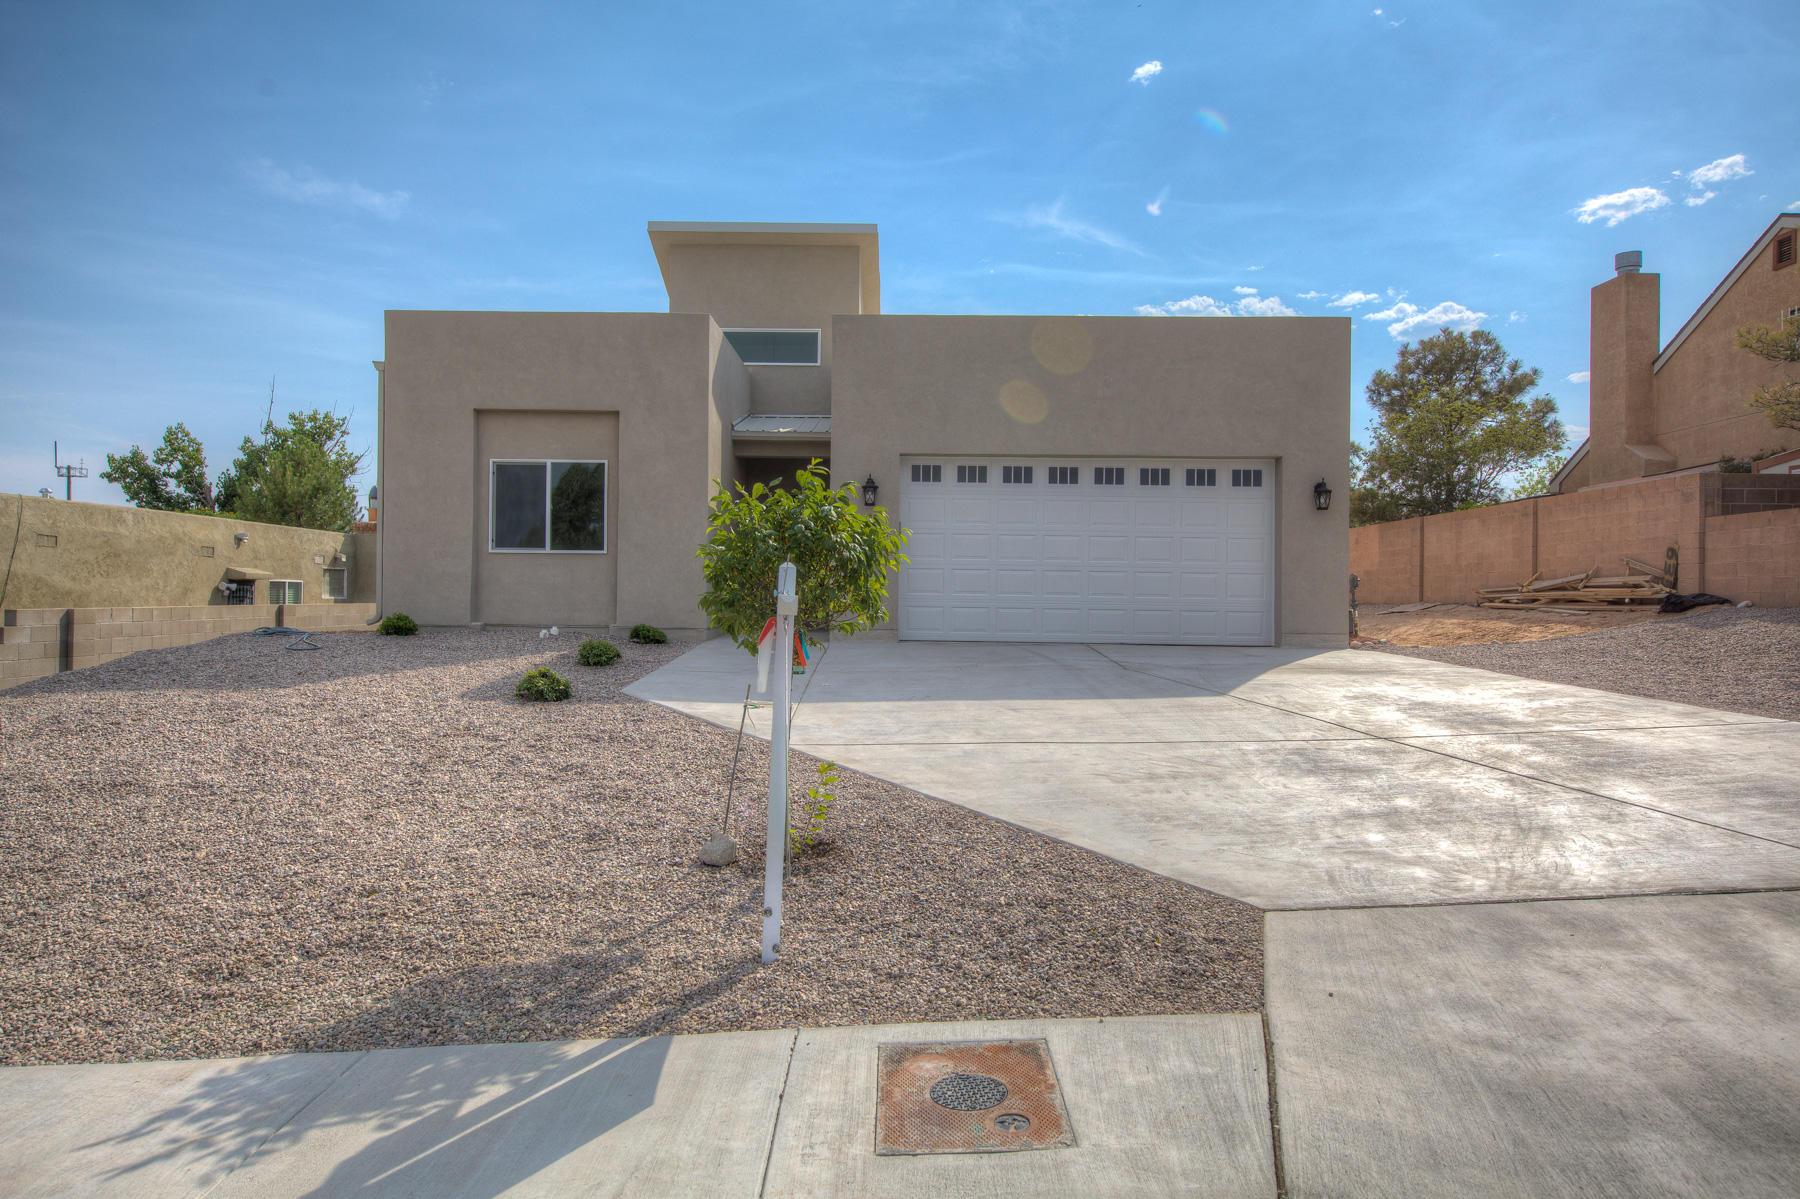 6352 BUENOS AIRES Place, Albuquerque NM 87120